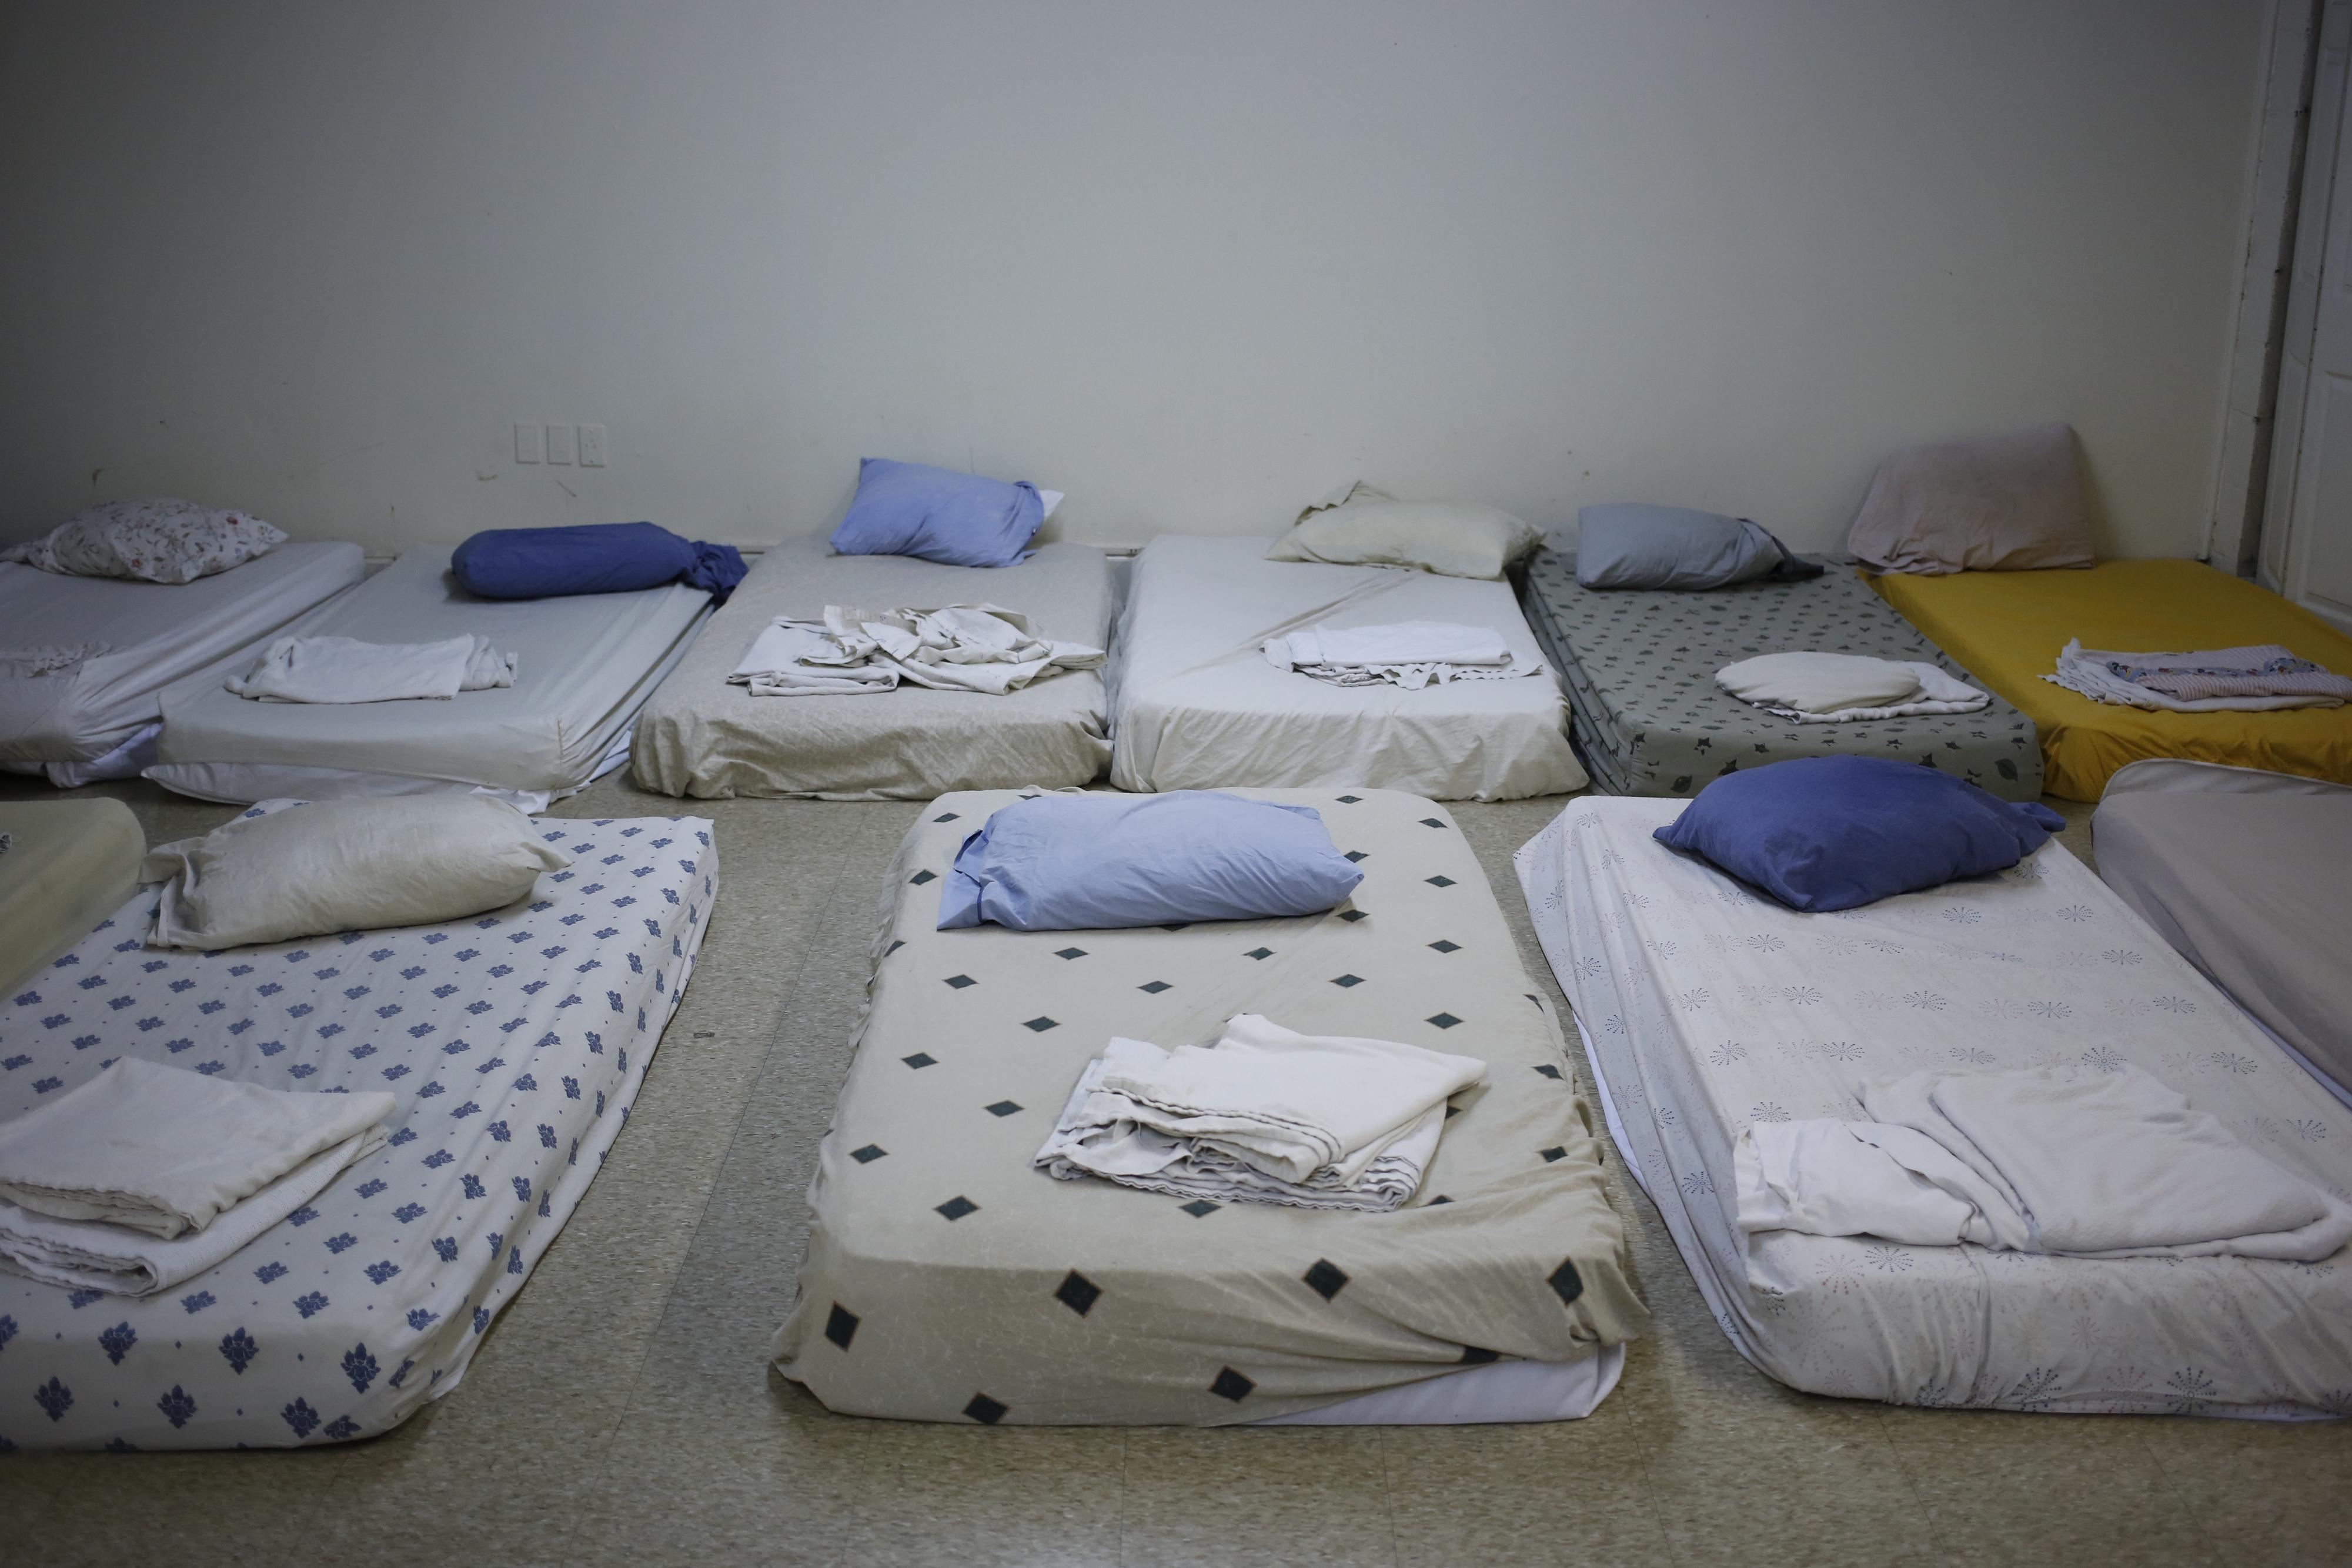 Beds for the homeless are prepared inside the Community Inn homeless shelter in Lexington, KY on Nov. 19, 2013.